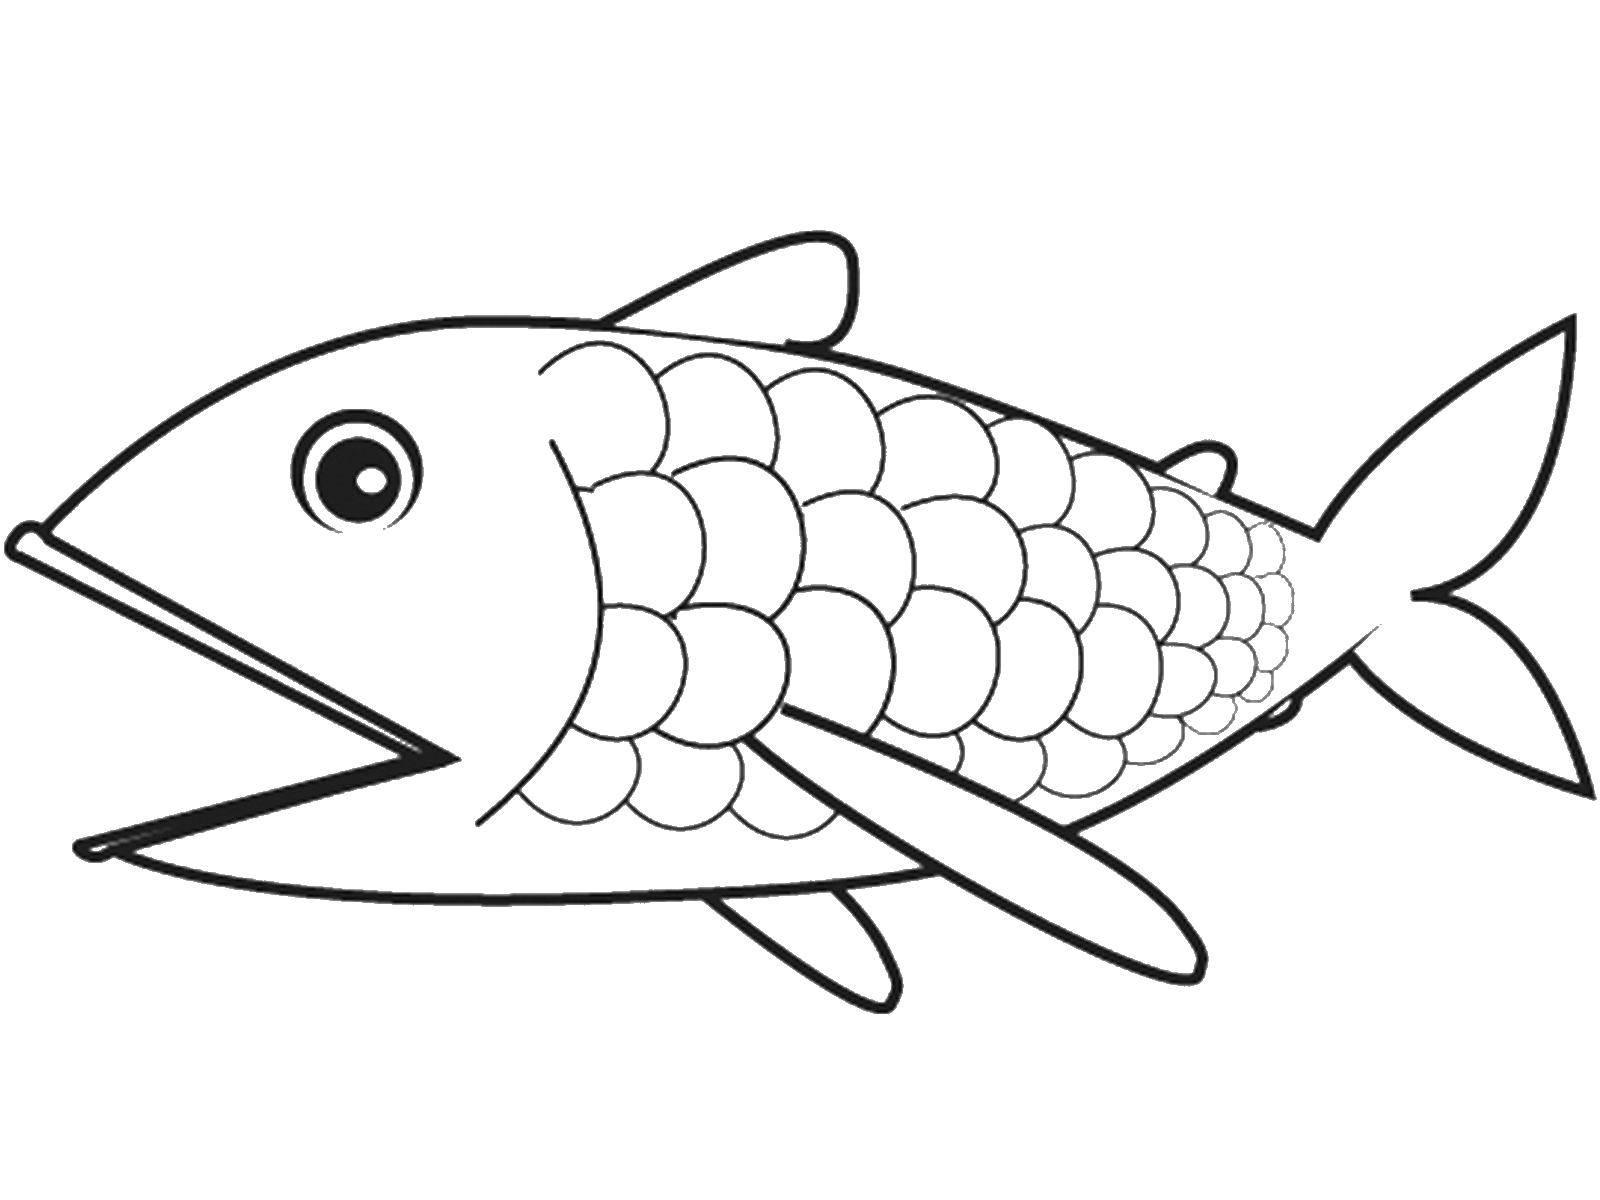 картинка рыбка распечатать должна выглядеть безупречно